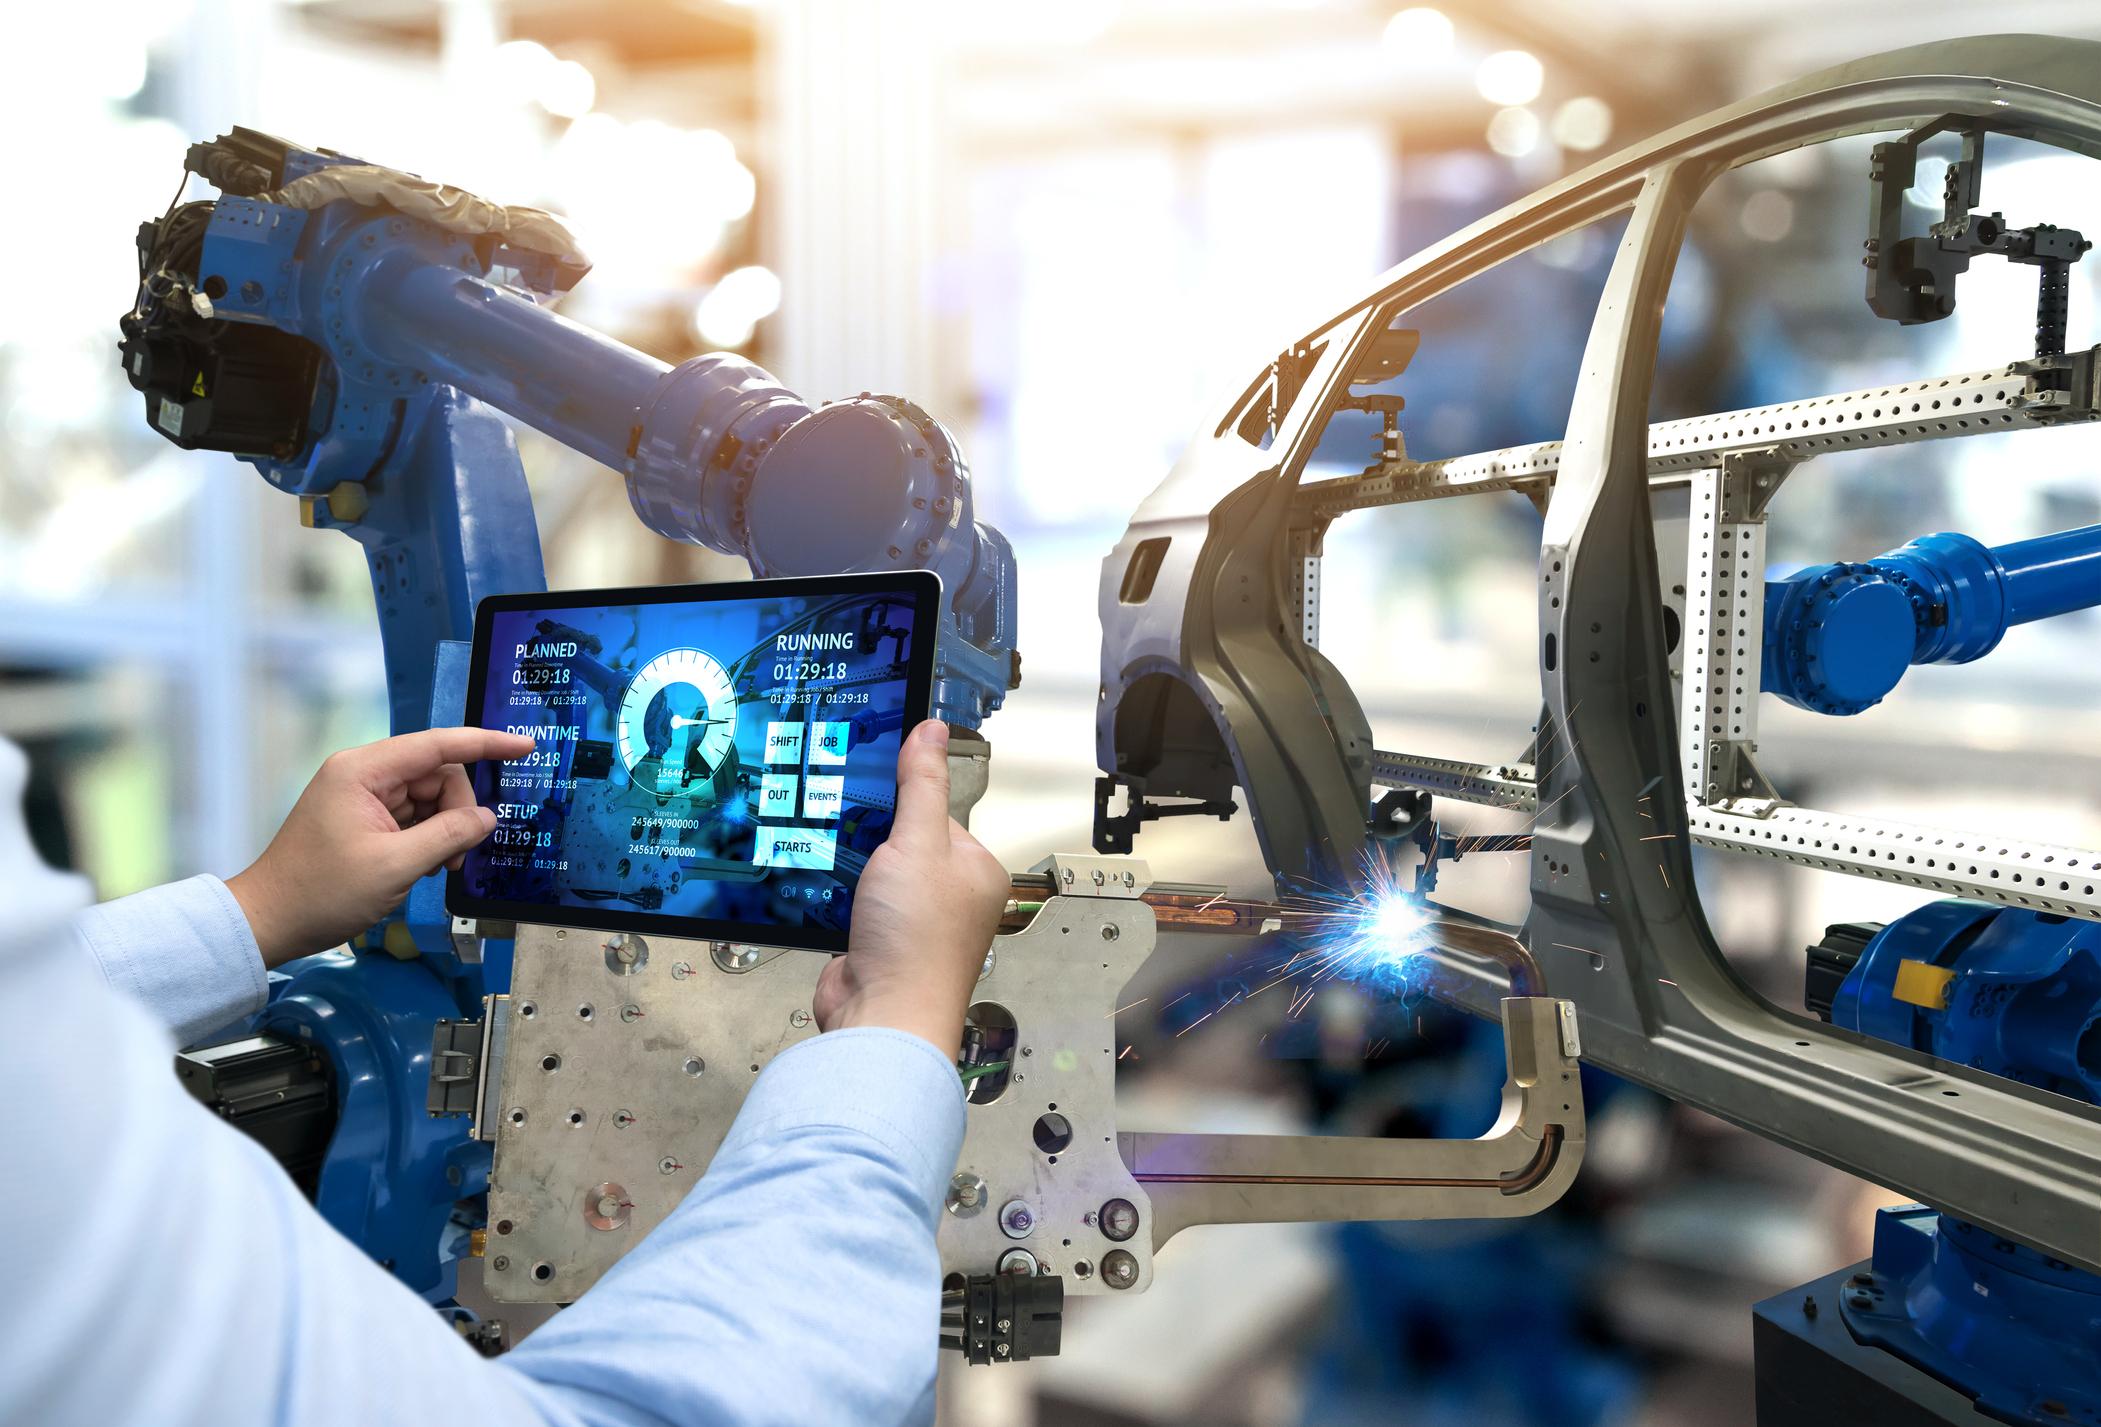 ¿robots-y-logistica?-cuatro-tendencias-clave-a-tener-en-cuenta